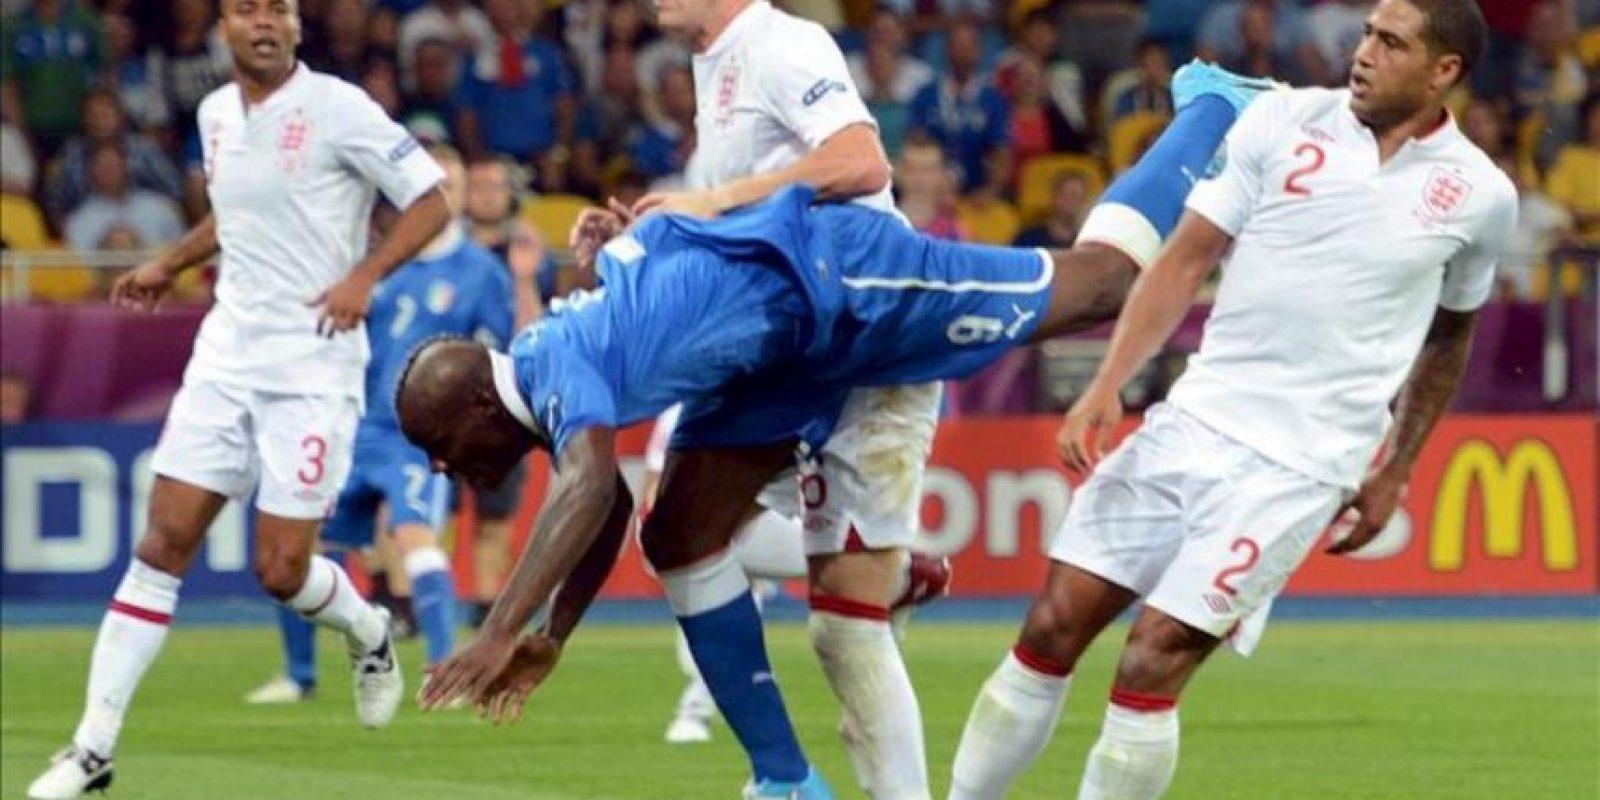 El italiano Mario Balotelli (2-d) pierde una oportunidad de anotar de cabeza ante los ingleses John Terry (2-i) y Glen Johnson (d) durante un partido por los cuartos de final del a Eurocopa 2012 entre Inglaterra e Italia en Kiev (Ucrania). EFE